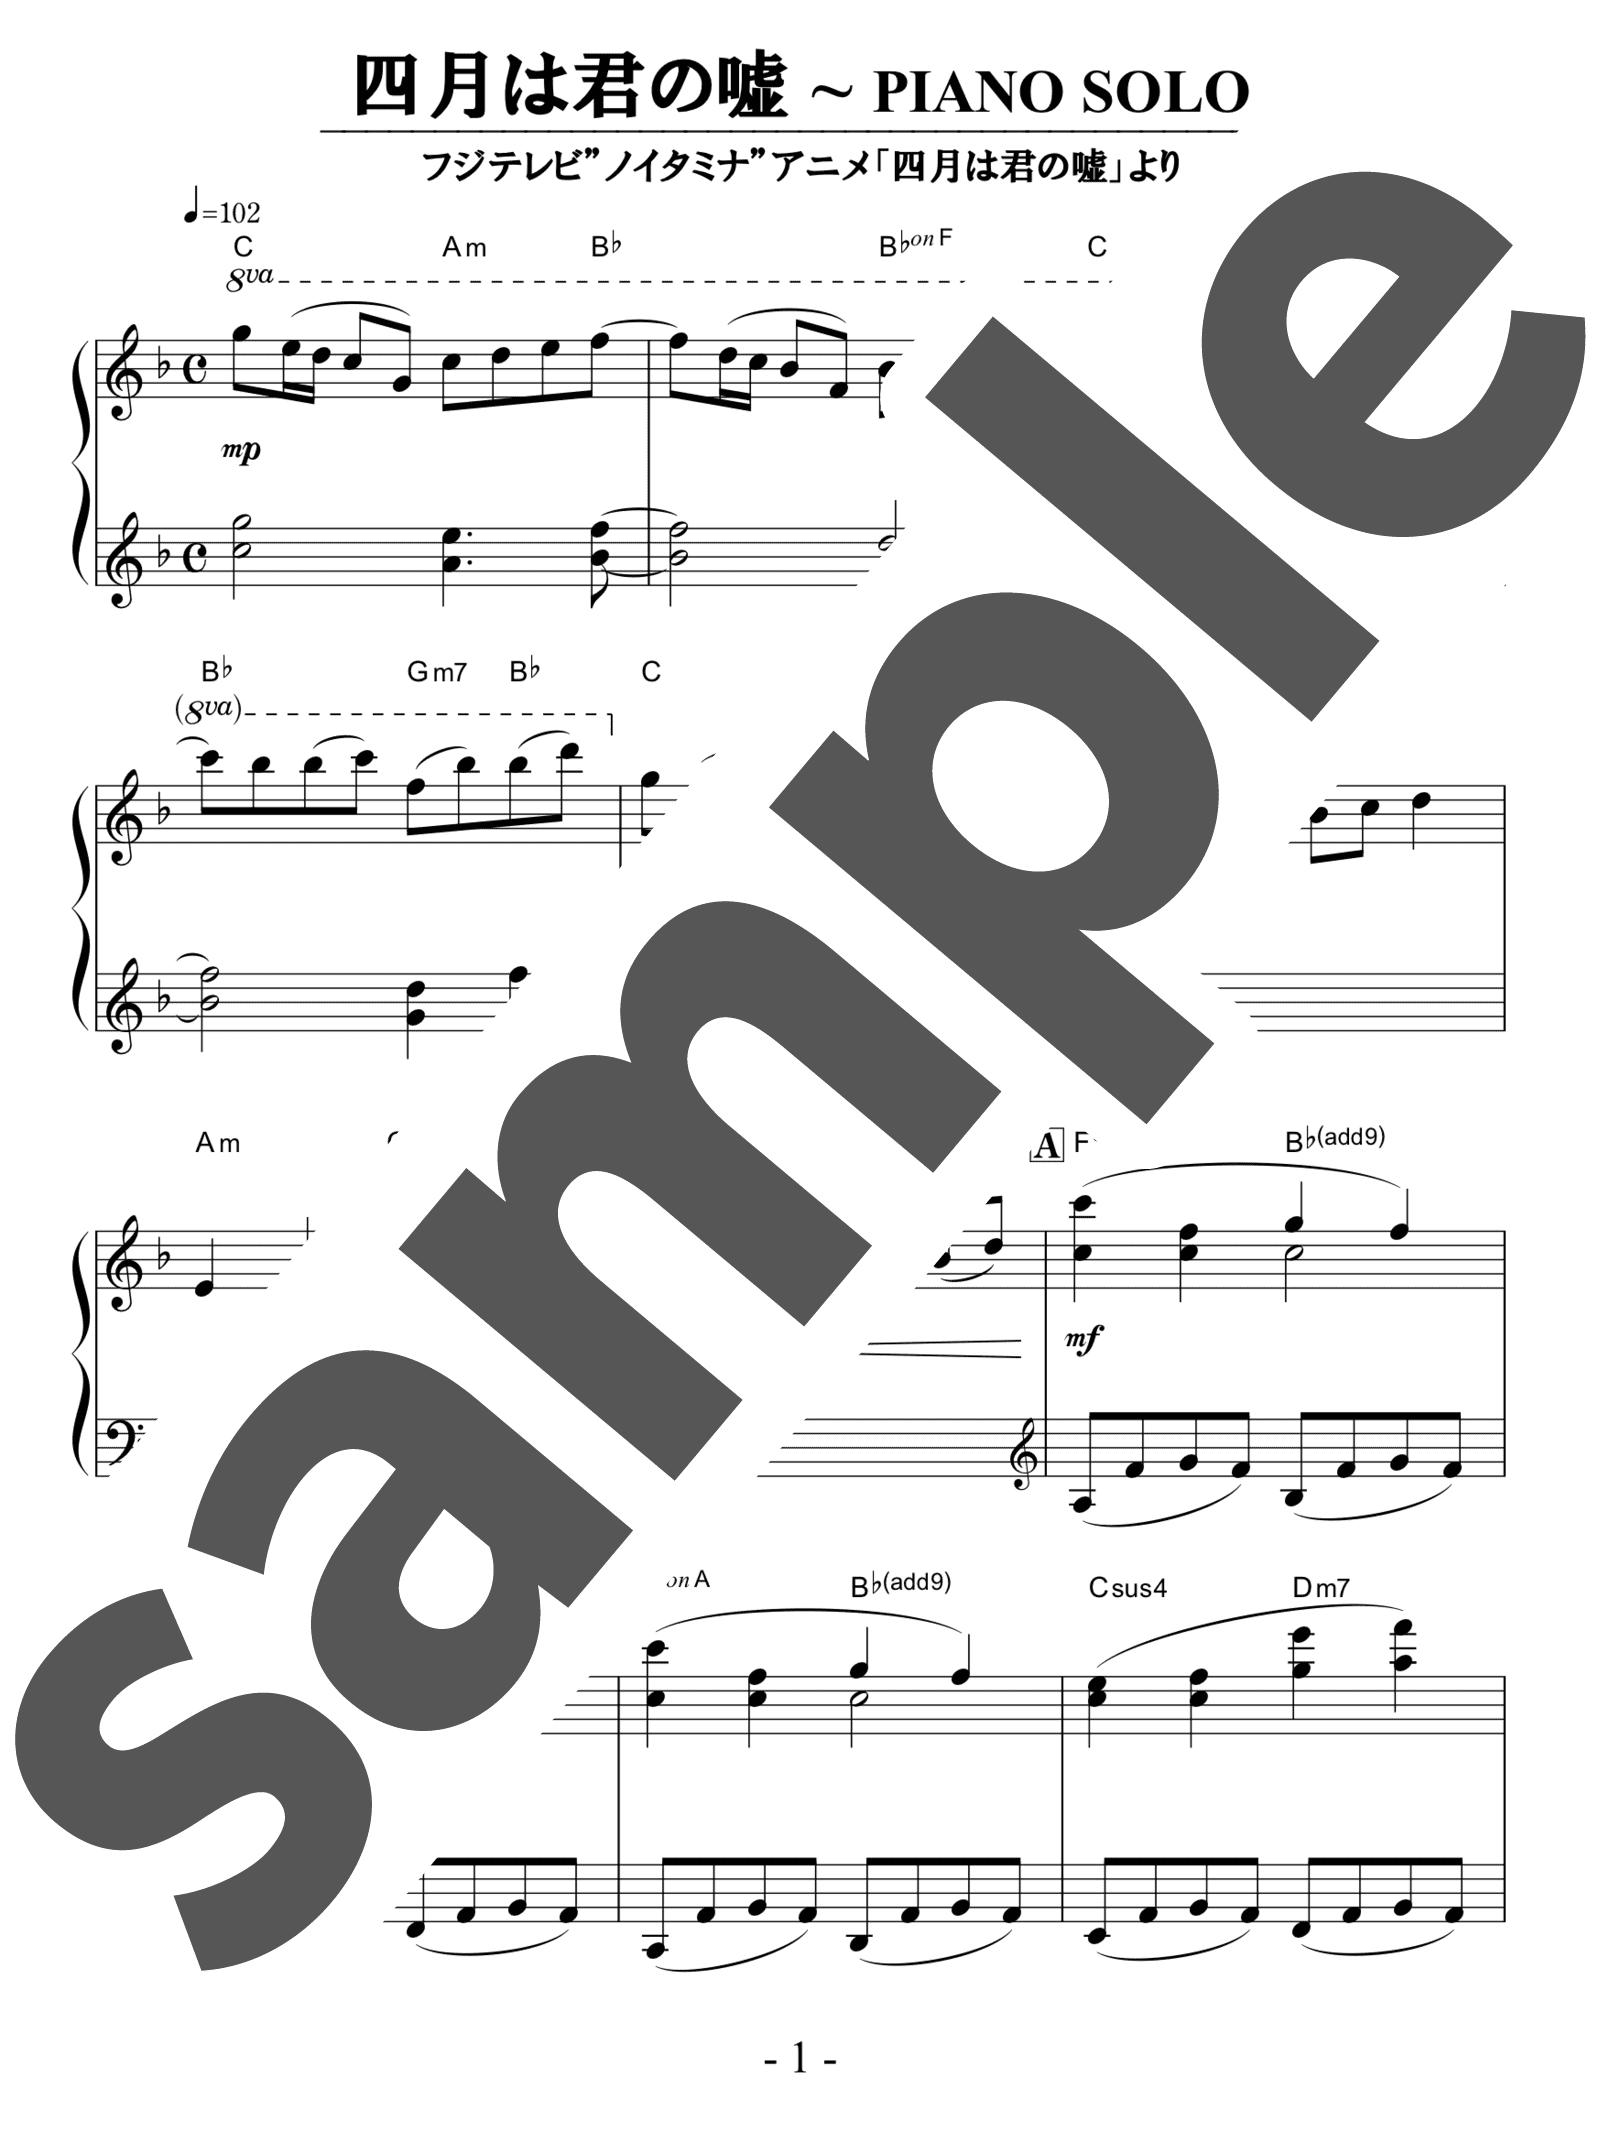 「四月は君の嘘~PianoSolo」のサンプル楽譜